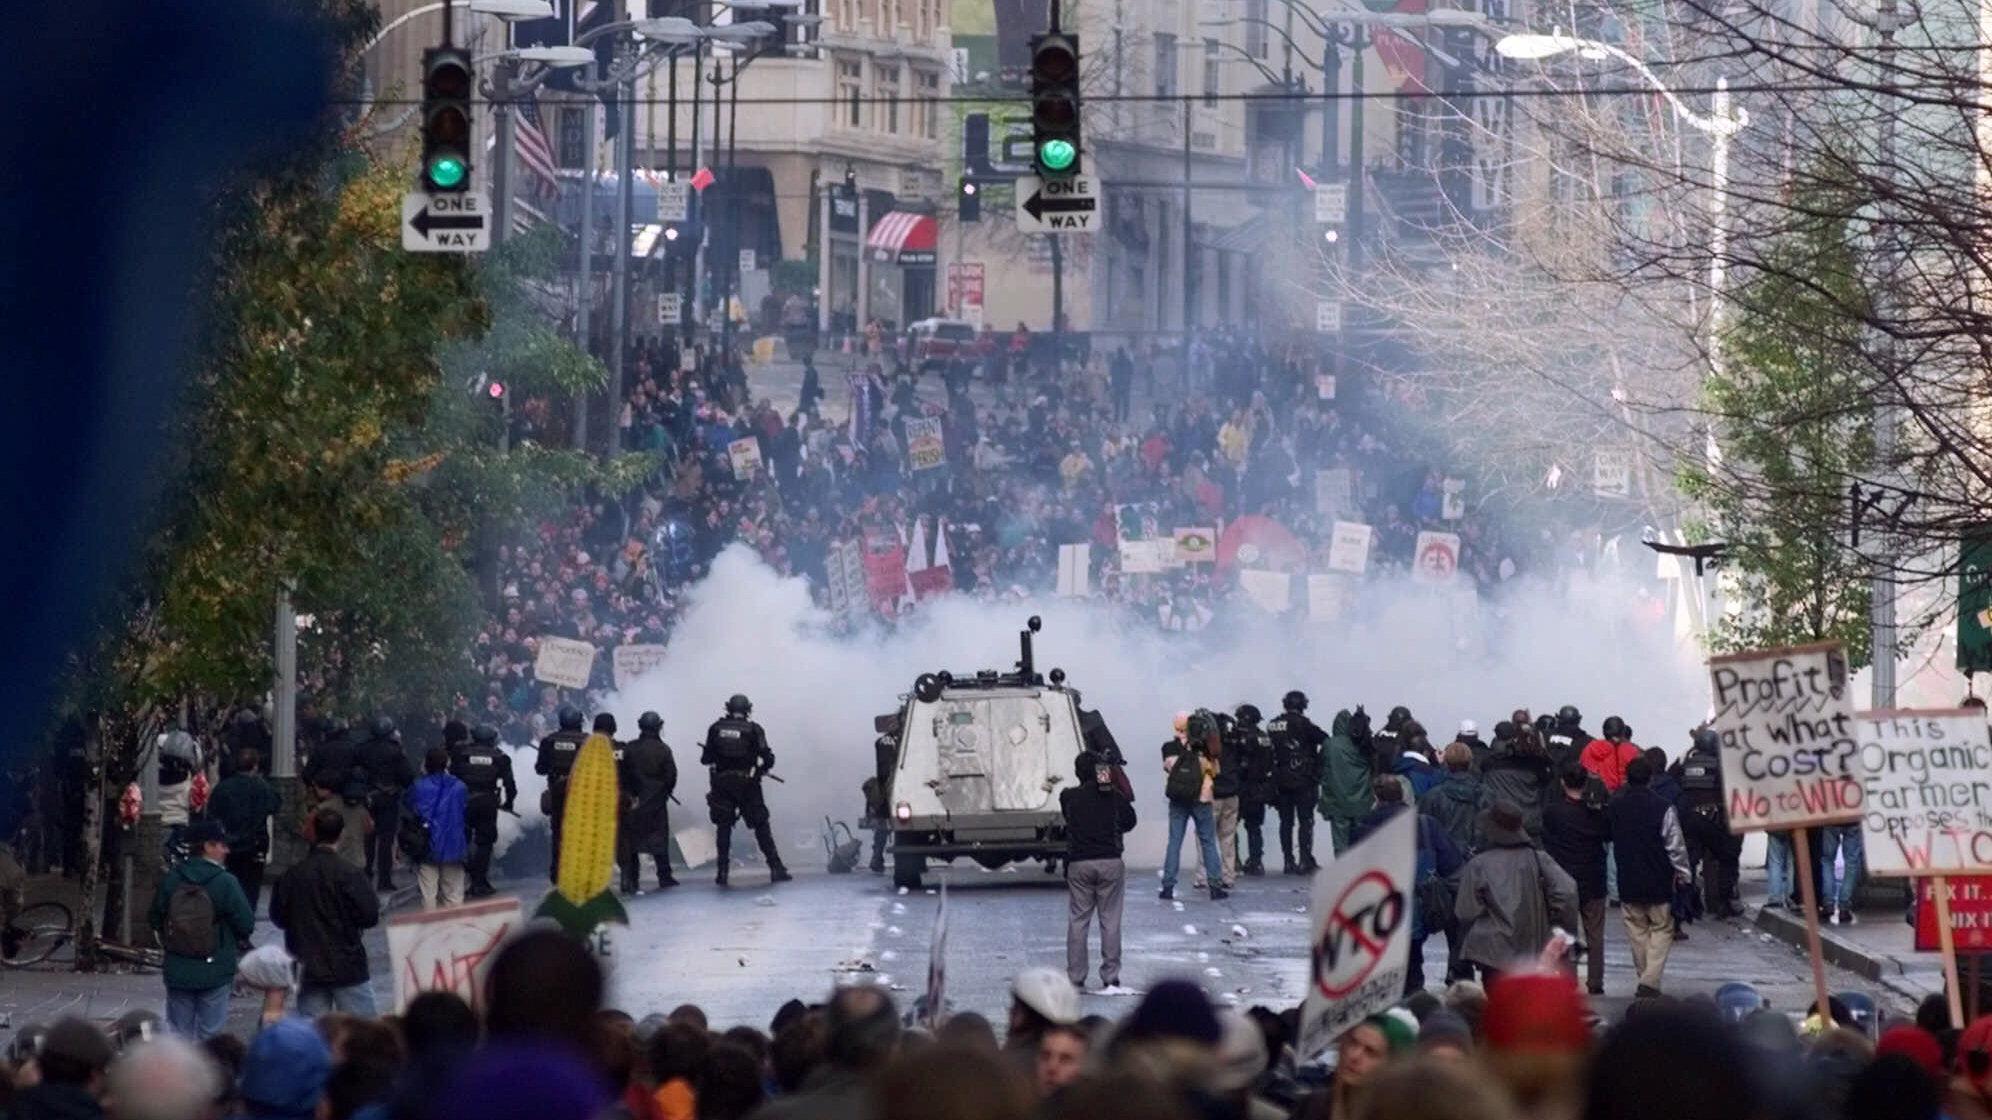 """20年前(1999年11月),在美国西雅图召开的世界贸易组织第三届部长会议期间发生的""""西雅图风暴""""拉开了全球范围内反全球化运动的序幕。由此以降,包括历届达沃斯世界经济论坛年会在内的几乎各种事关国际经济贸易的国际会议,都发生了反全球化运动者大规模的抗议活动。(美联社资料图片)"""